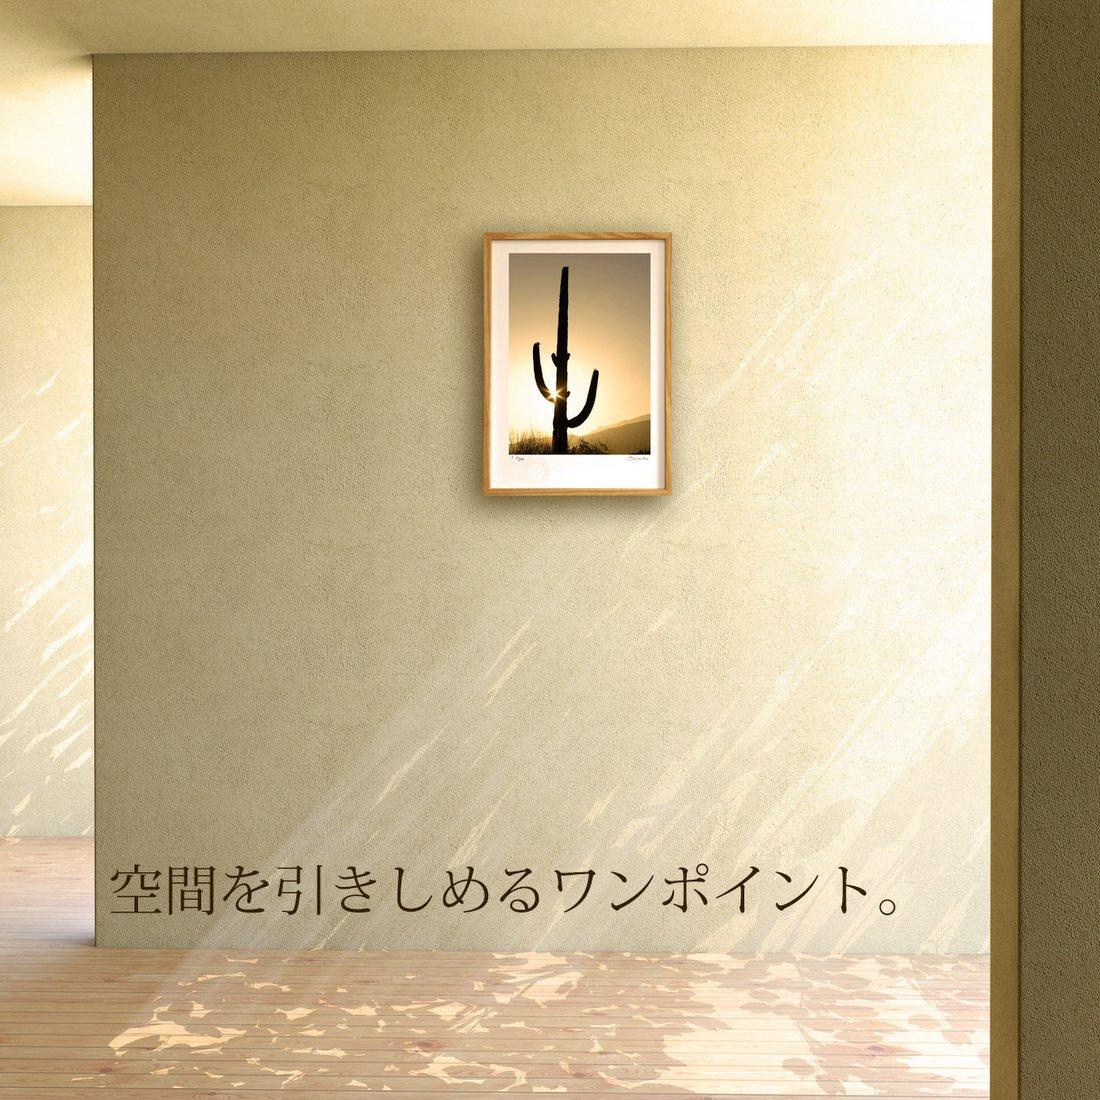 【版画 絵画】モノ・レイク(スミコ スコット)/インテリア 壁掛け 額入り アート アートパネル アートフレーム